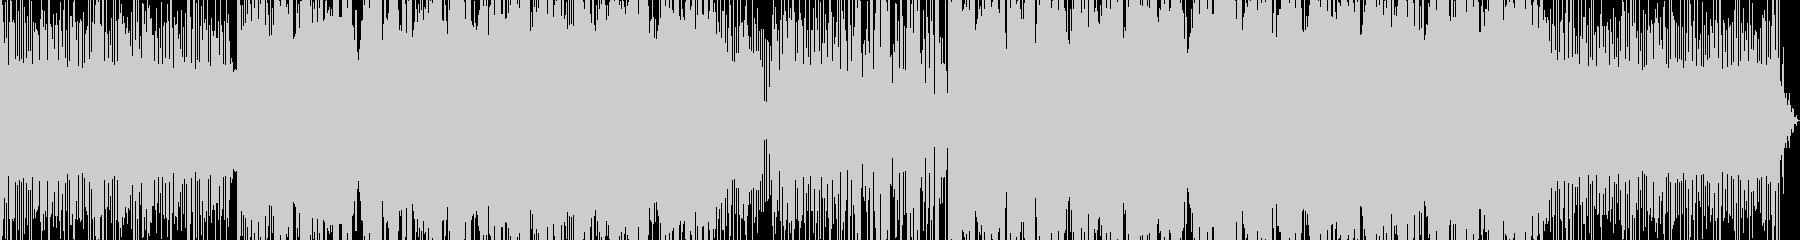 FPSゲームのロード画面BGMに合う曲の未再生の波形